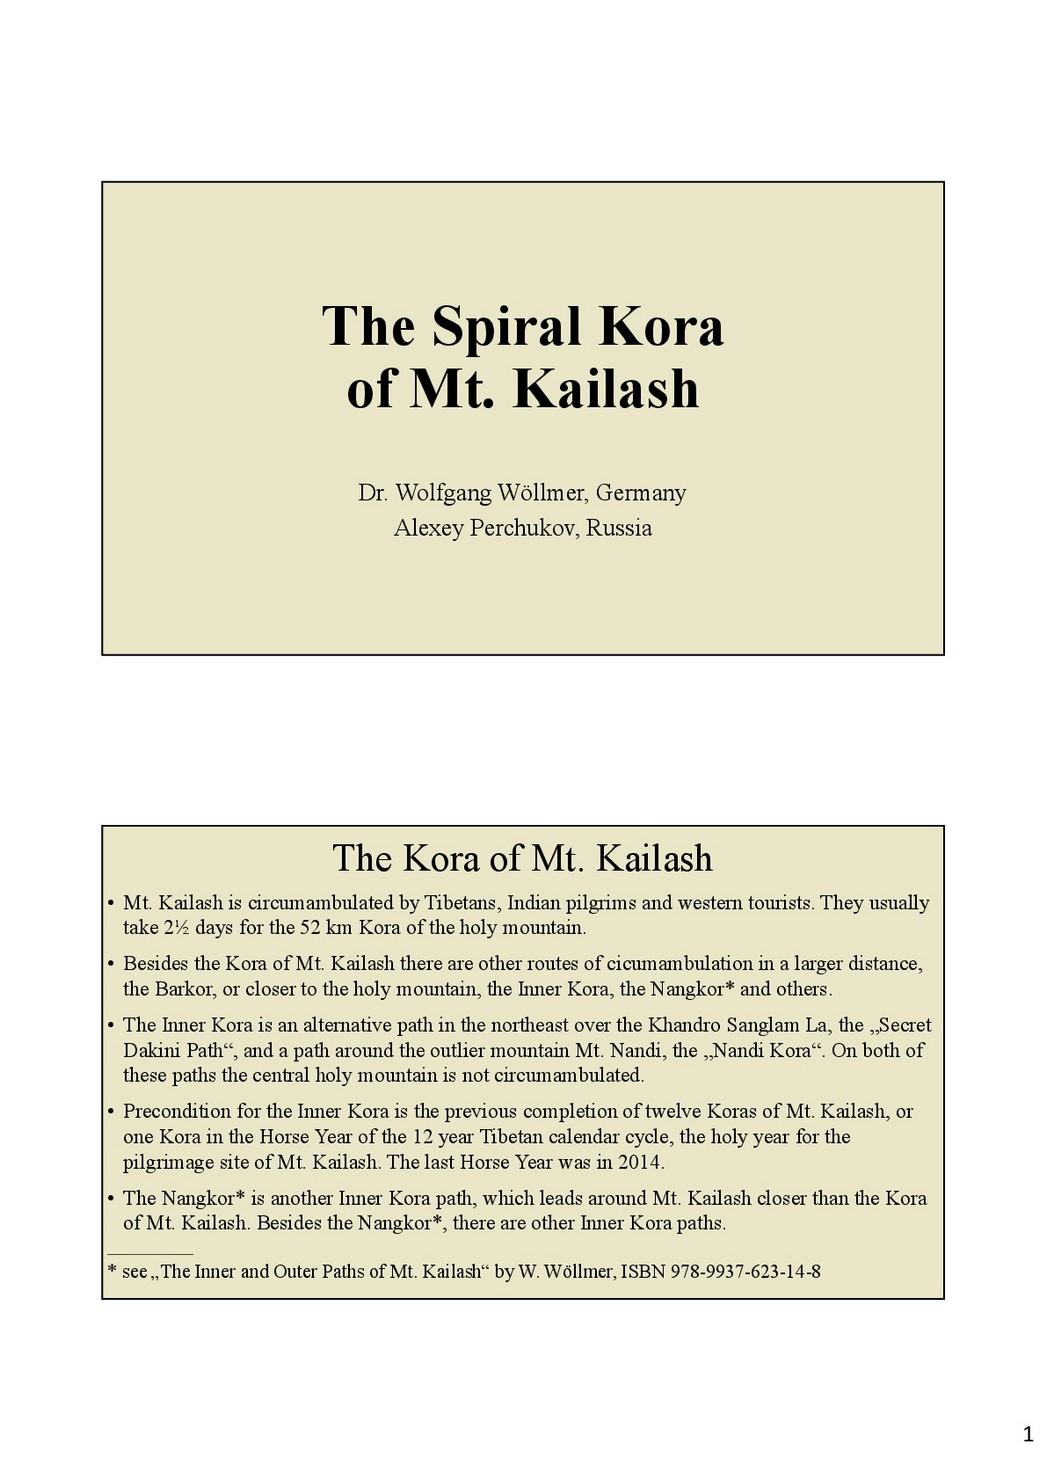 Spiral-Kora-of-Mt.-Kailash-1